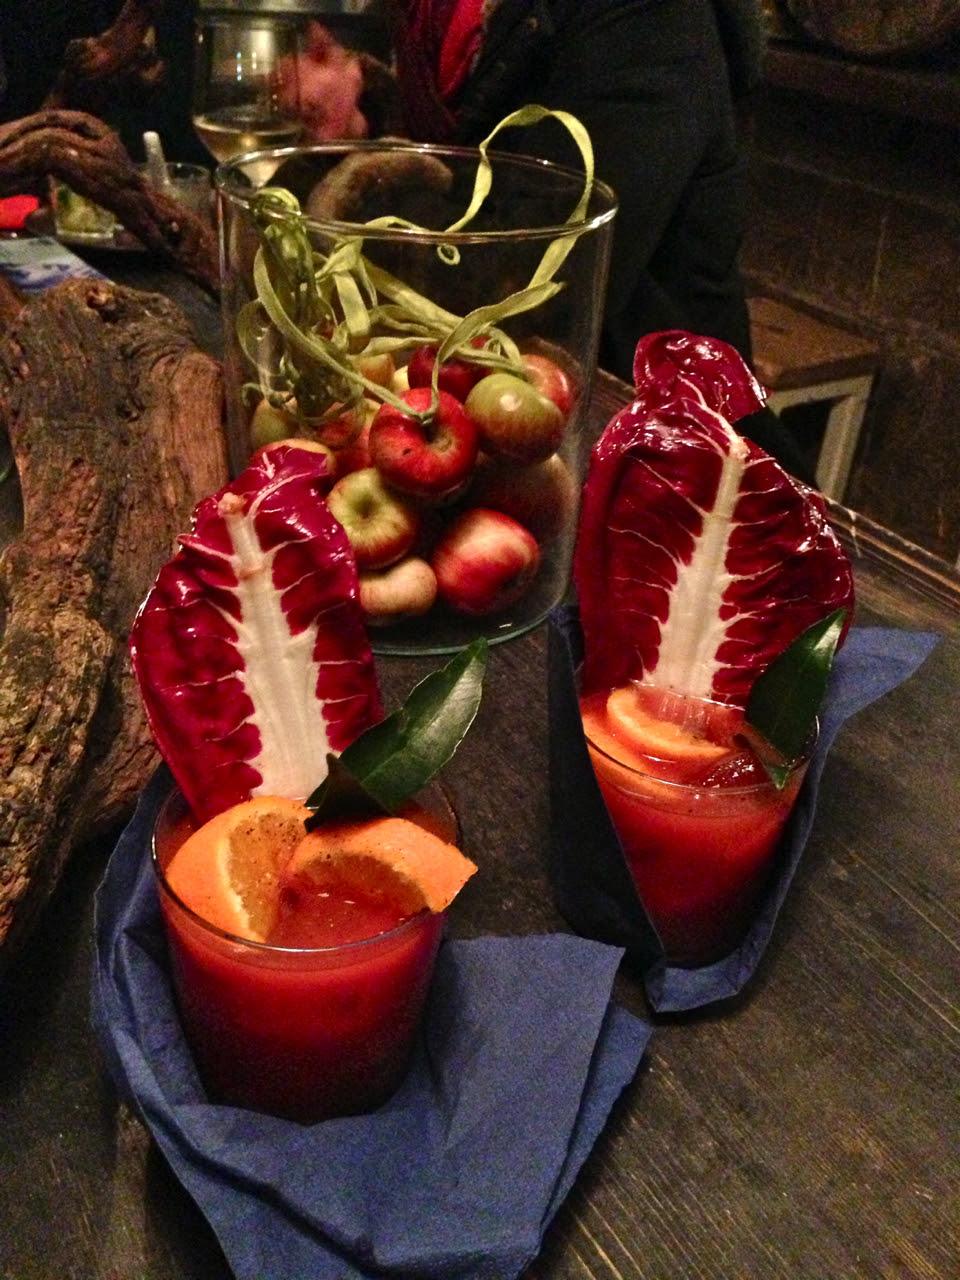 Primeiro o drink, bloody mary.   Quem segue aqui sabe que é um dos nossos drinks favoritos.  Este é com laranja e gengibre.